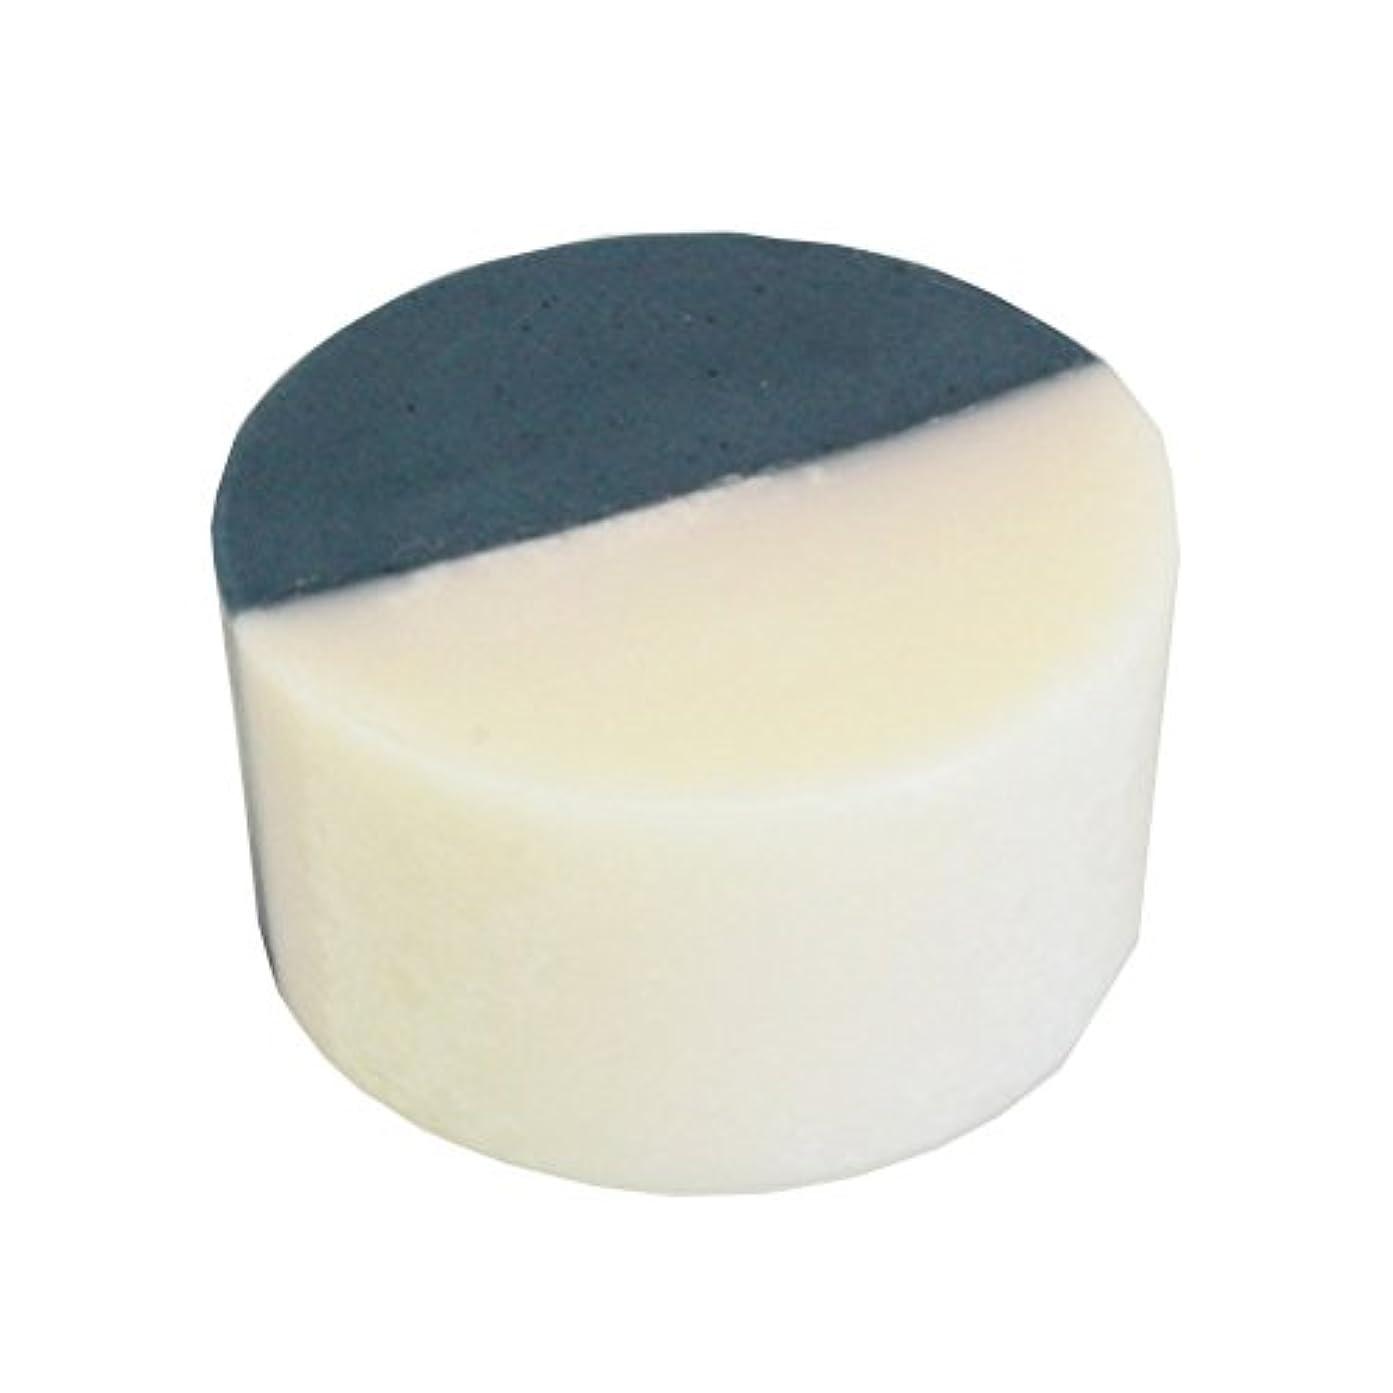 故意の間違い最小藍色工房 藍染め石けん「ふたえ」(60g)